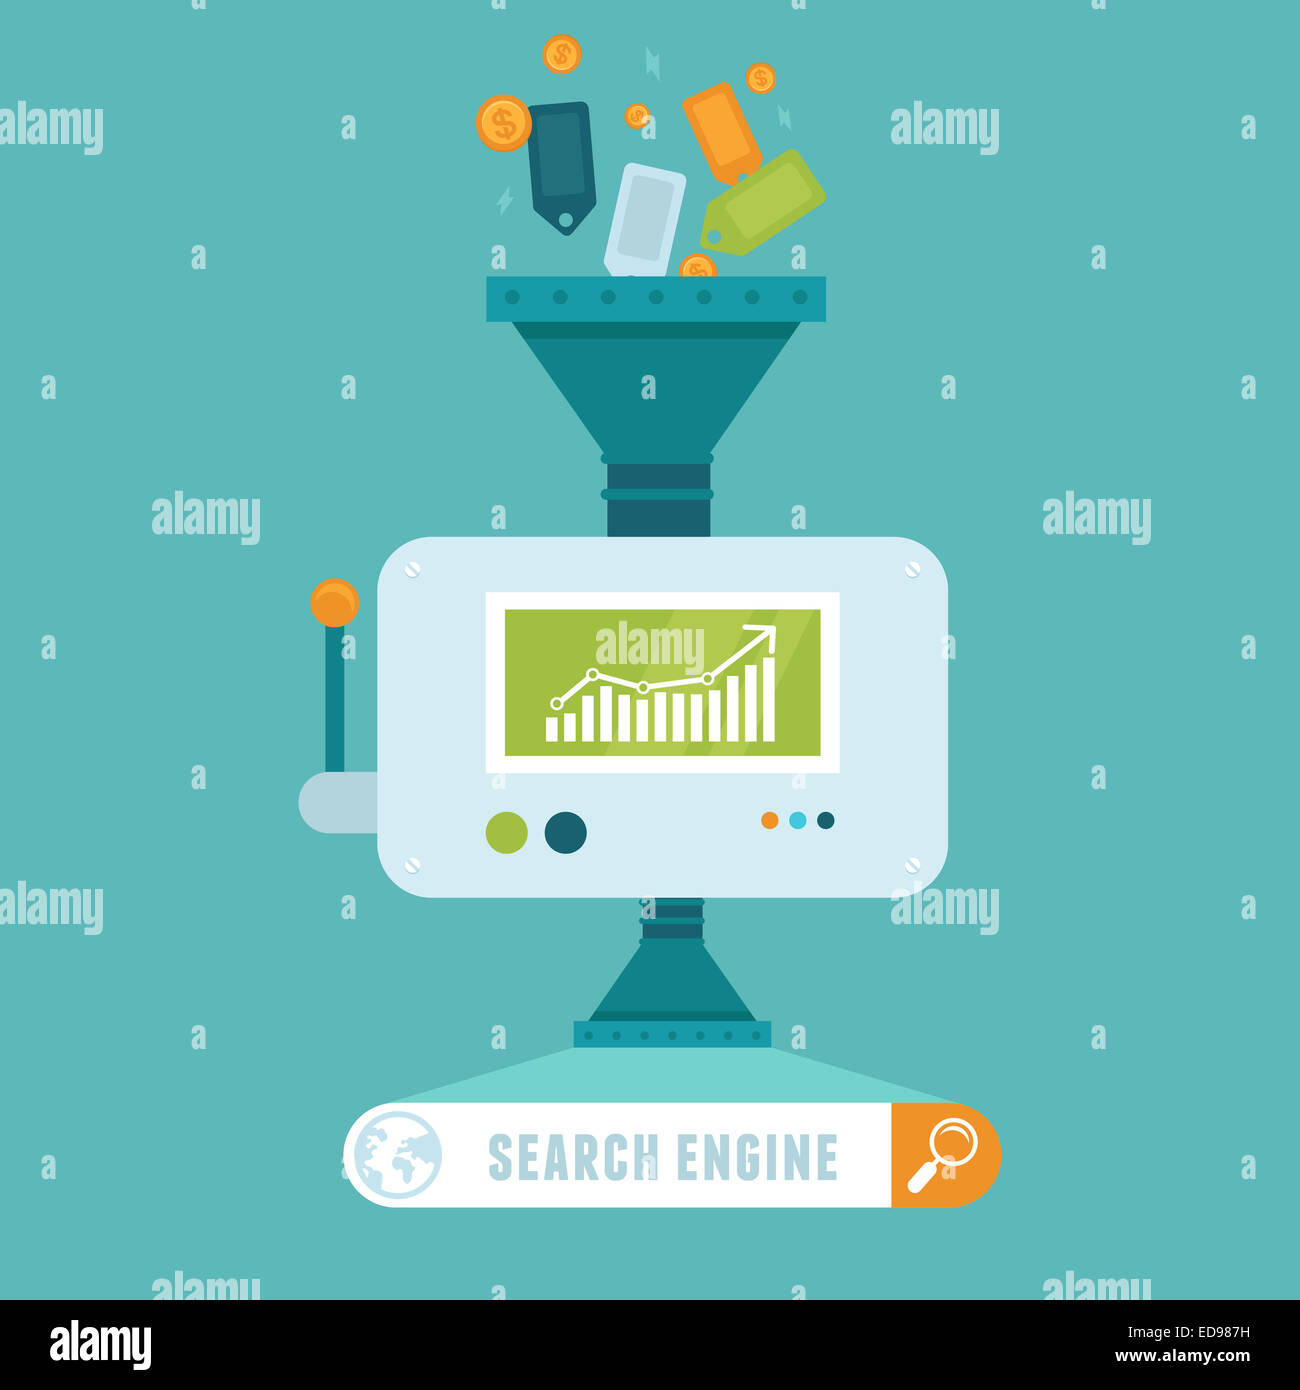 Concepto de motor de búsqueda en estilo plano - Imagen De Stock